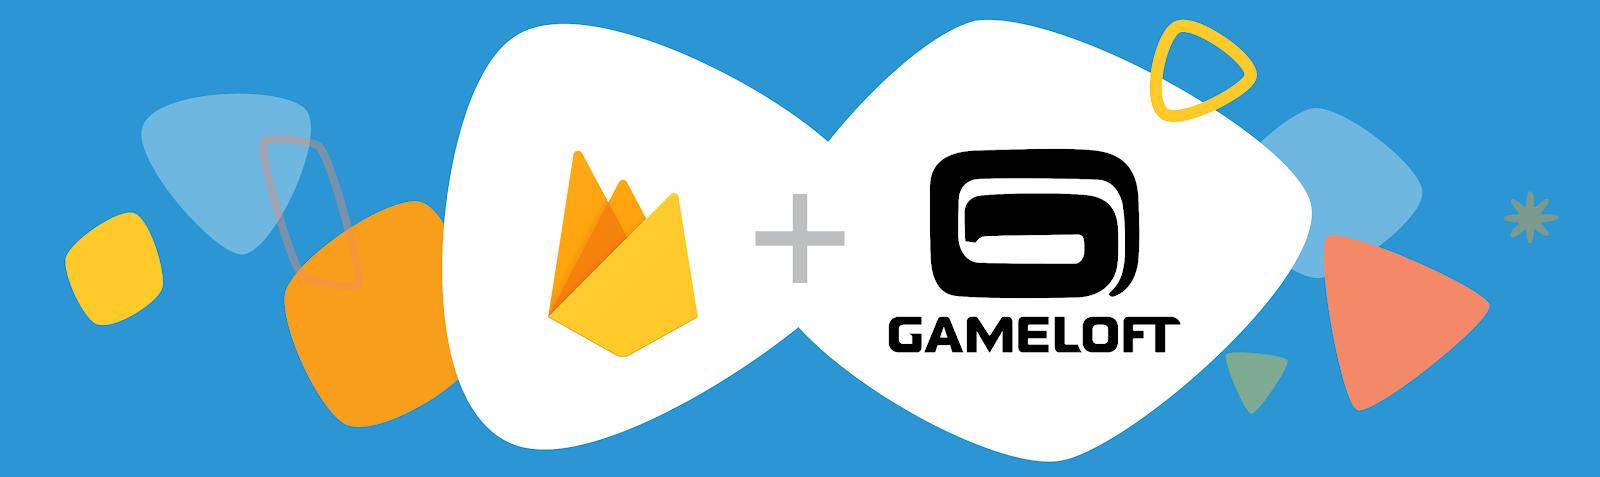 Banner do Firebase. Ilustração dos logotipos do Firebase e da Gameloft